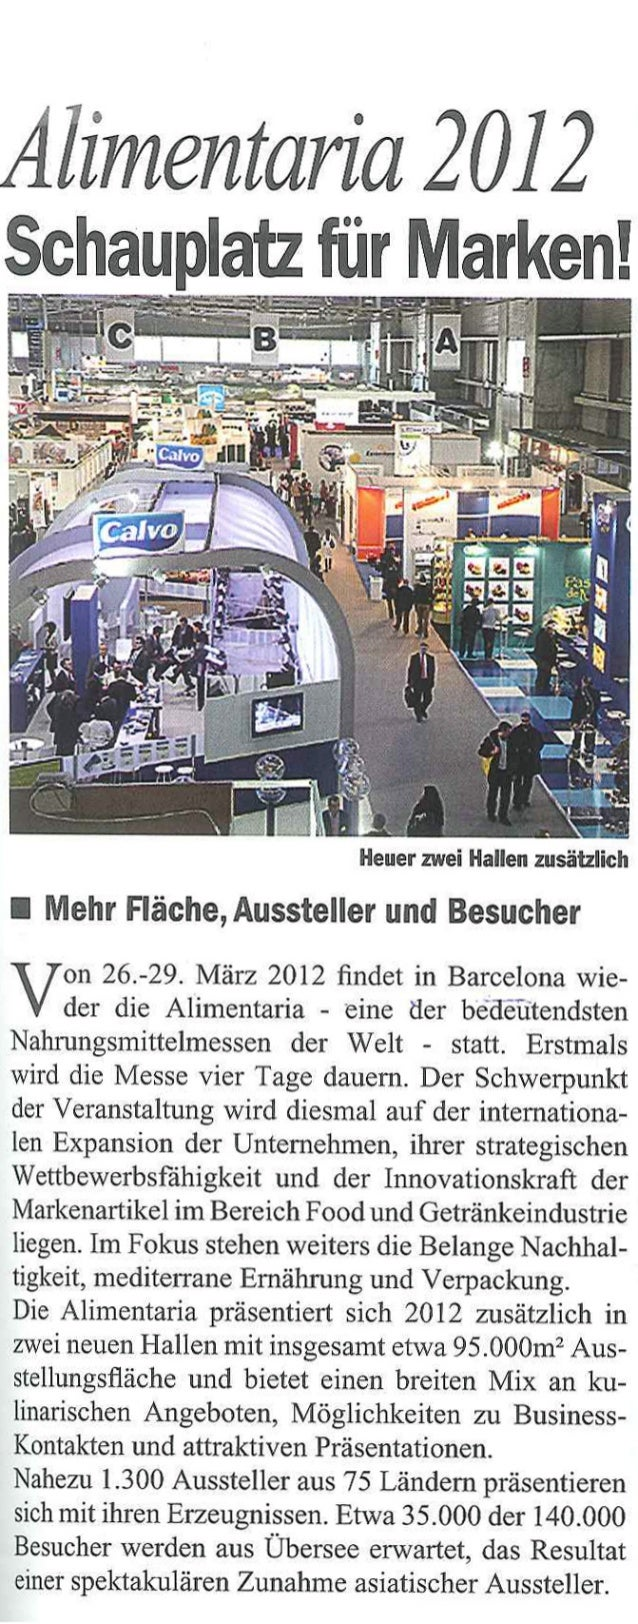 Alimentaria 2012: Schauplatz für Marken! Regal (Austria), enero 2012